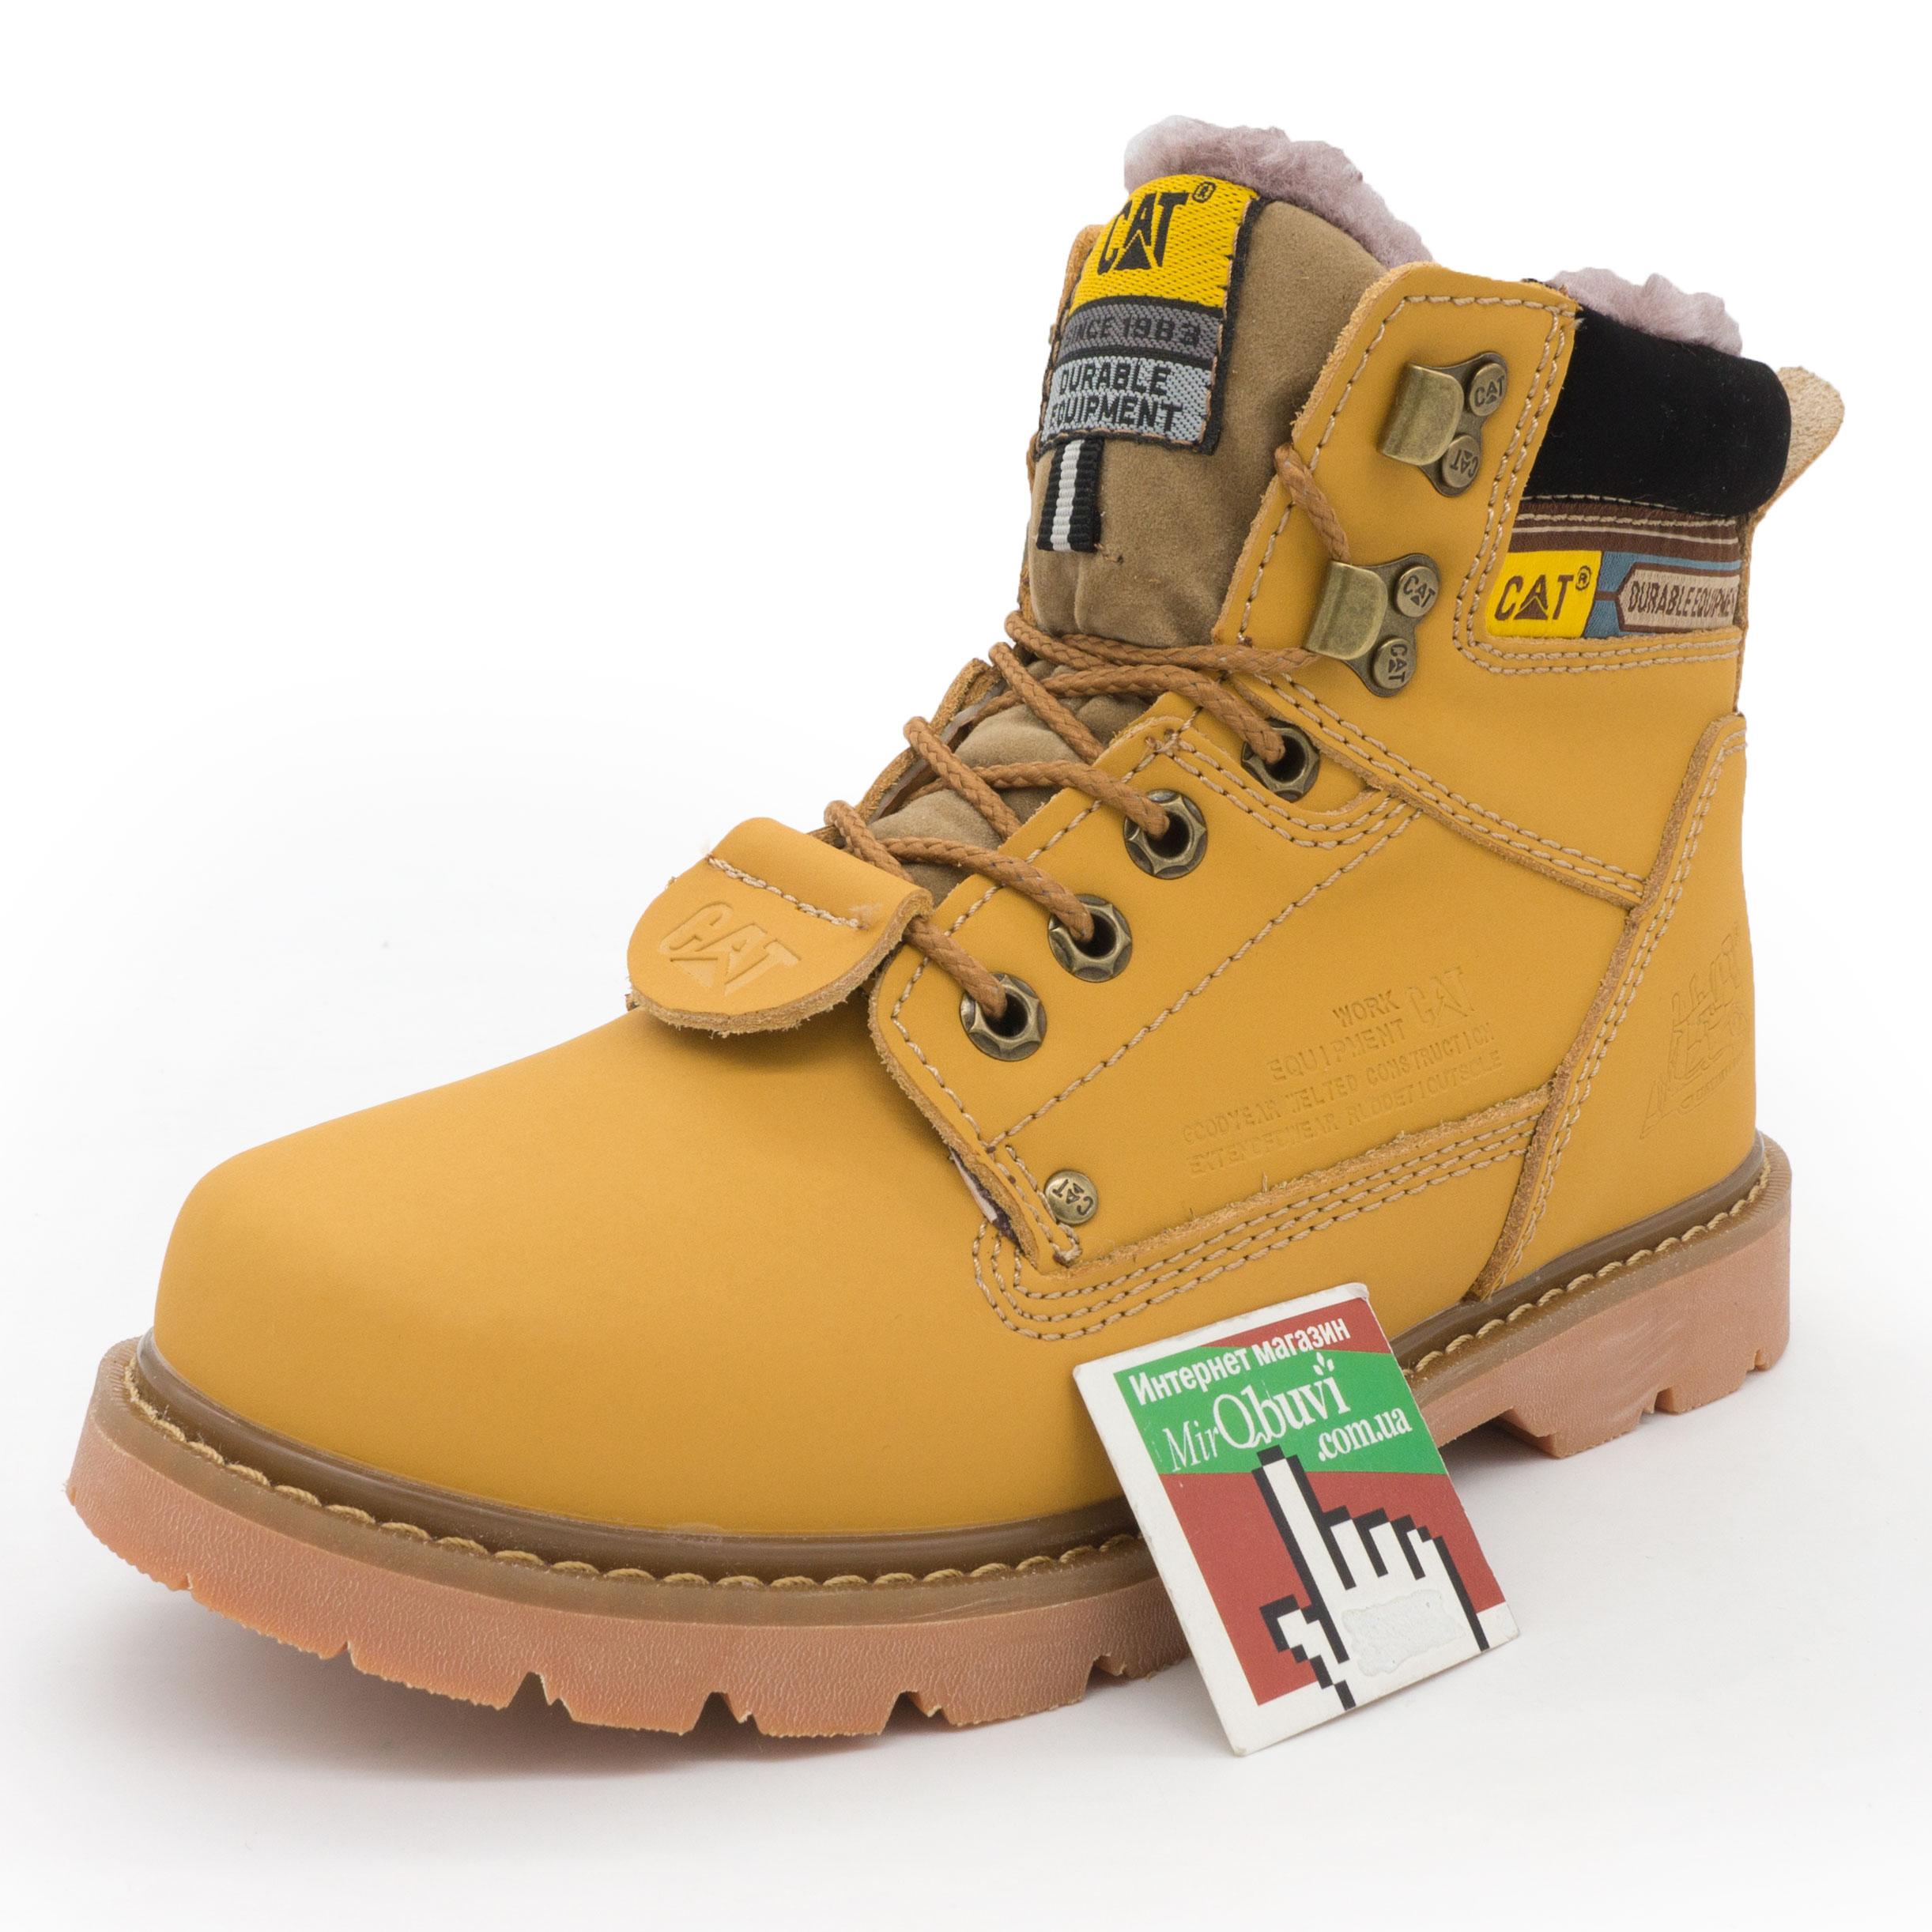 фото main Желтые зимние женские ботинки CAT(катерпиллер) с мехом main